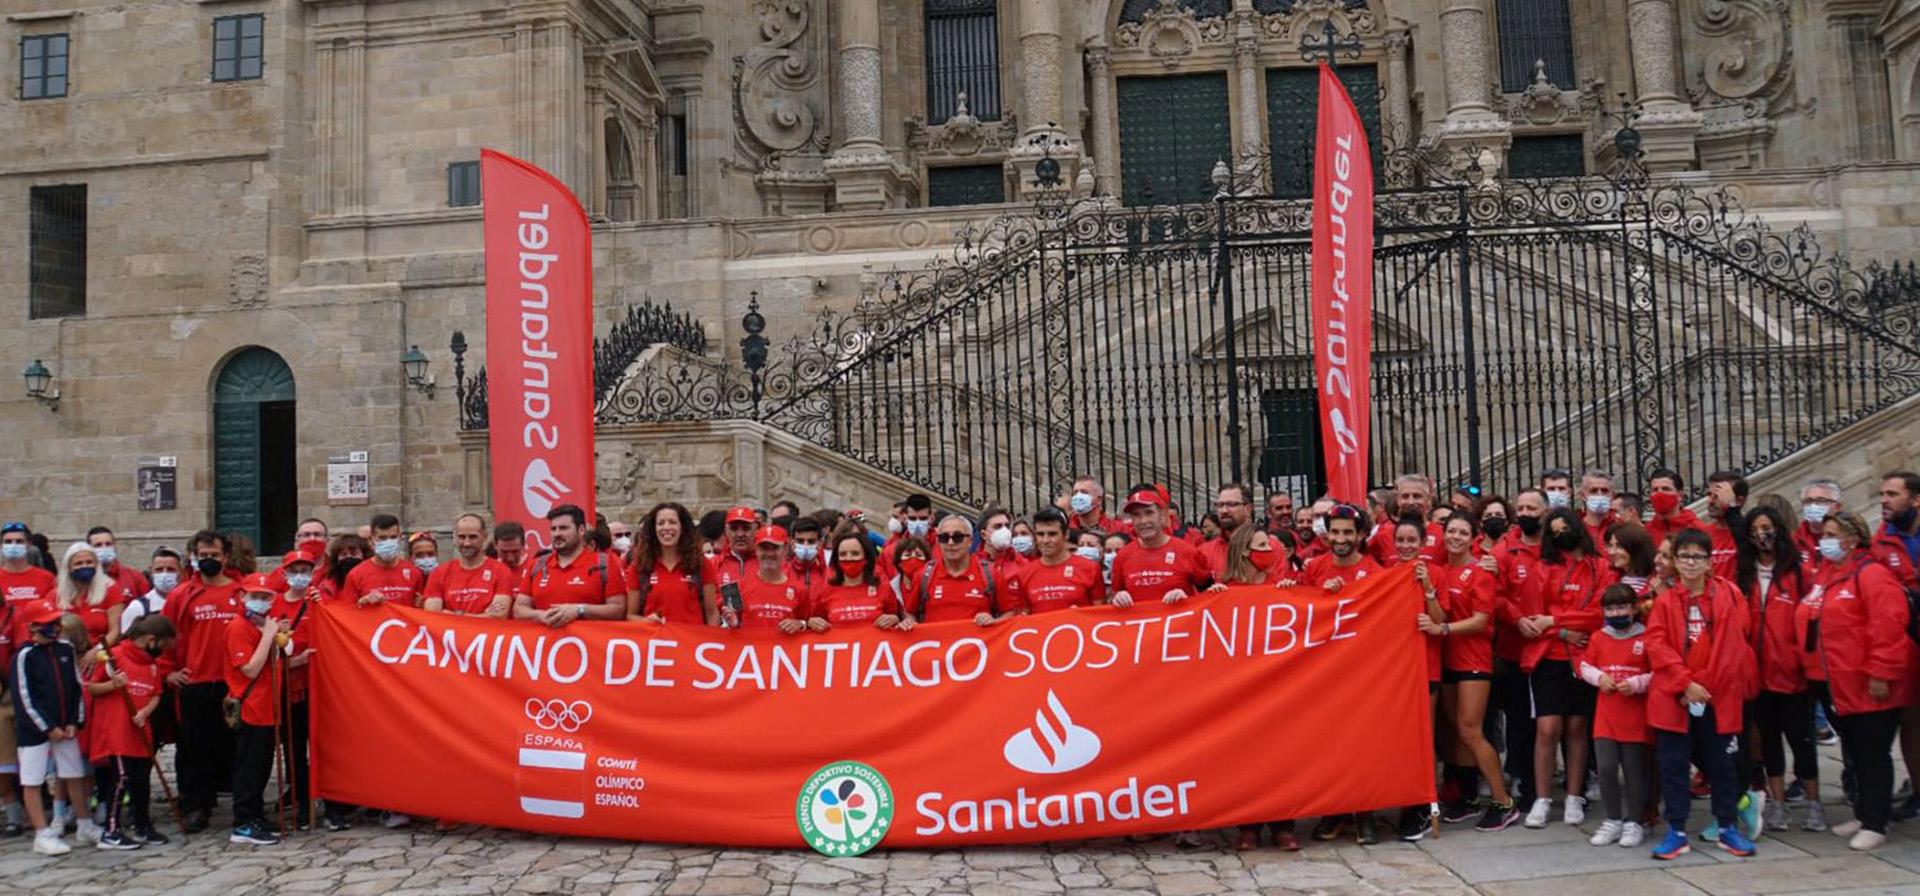 El Camino de Santiago es sostenible